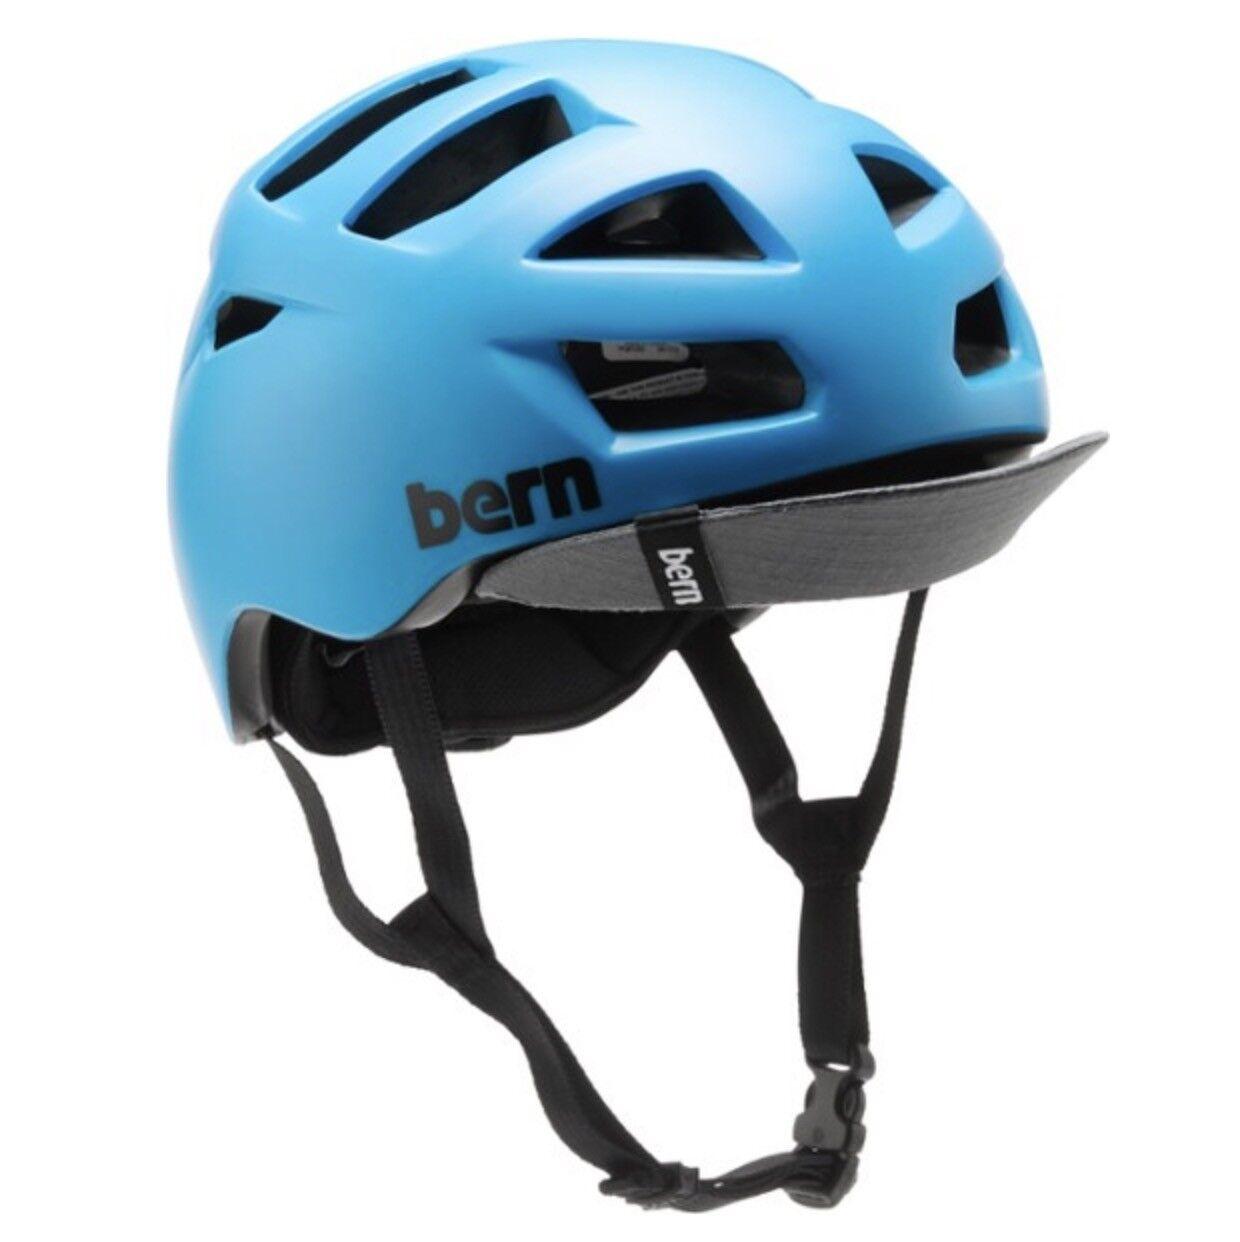 Bern Allston Zipmold Bicicletta Boa Casco Matte blue Ciano S M L Nuovi Misure